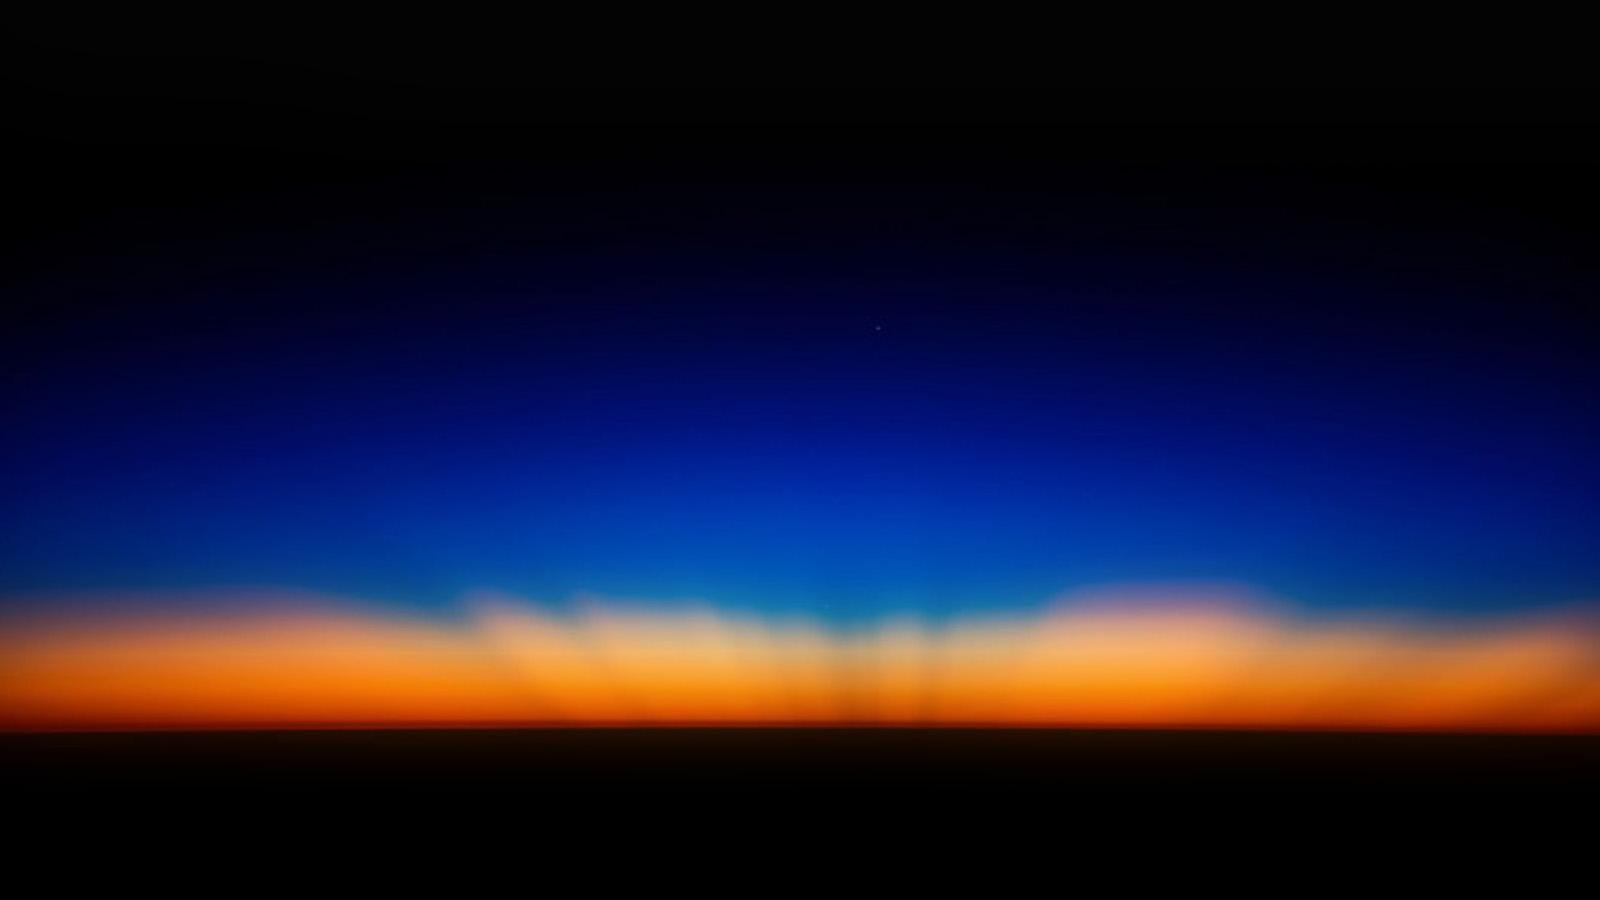 Fall Desktop Wallpaper Sk35 Sunset Dark Red Blue Horizontal Blur Gradation Wallpaper